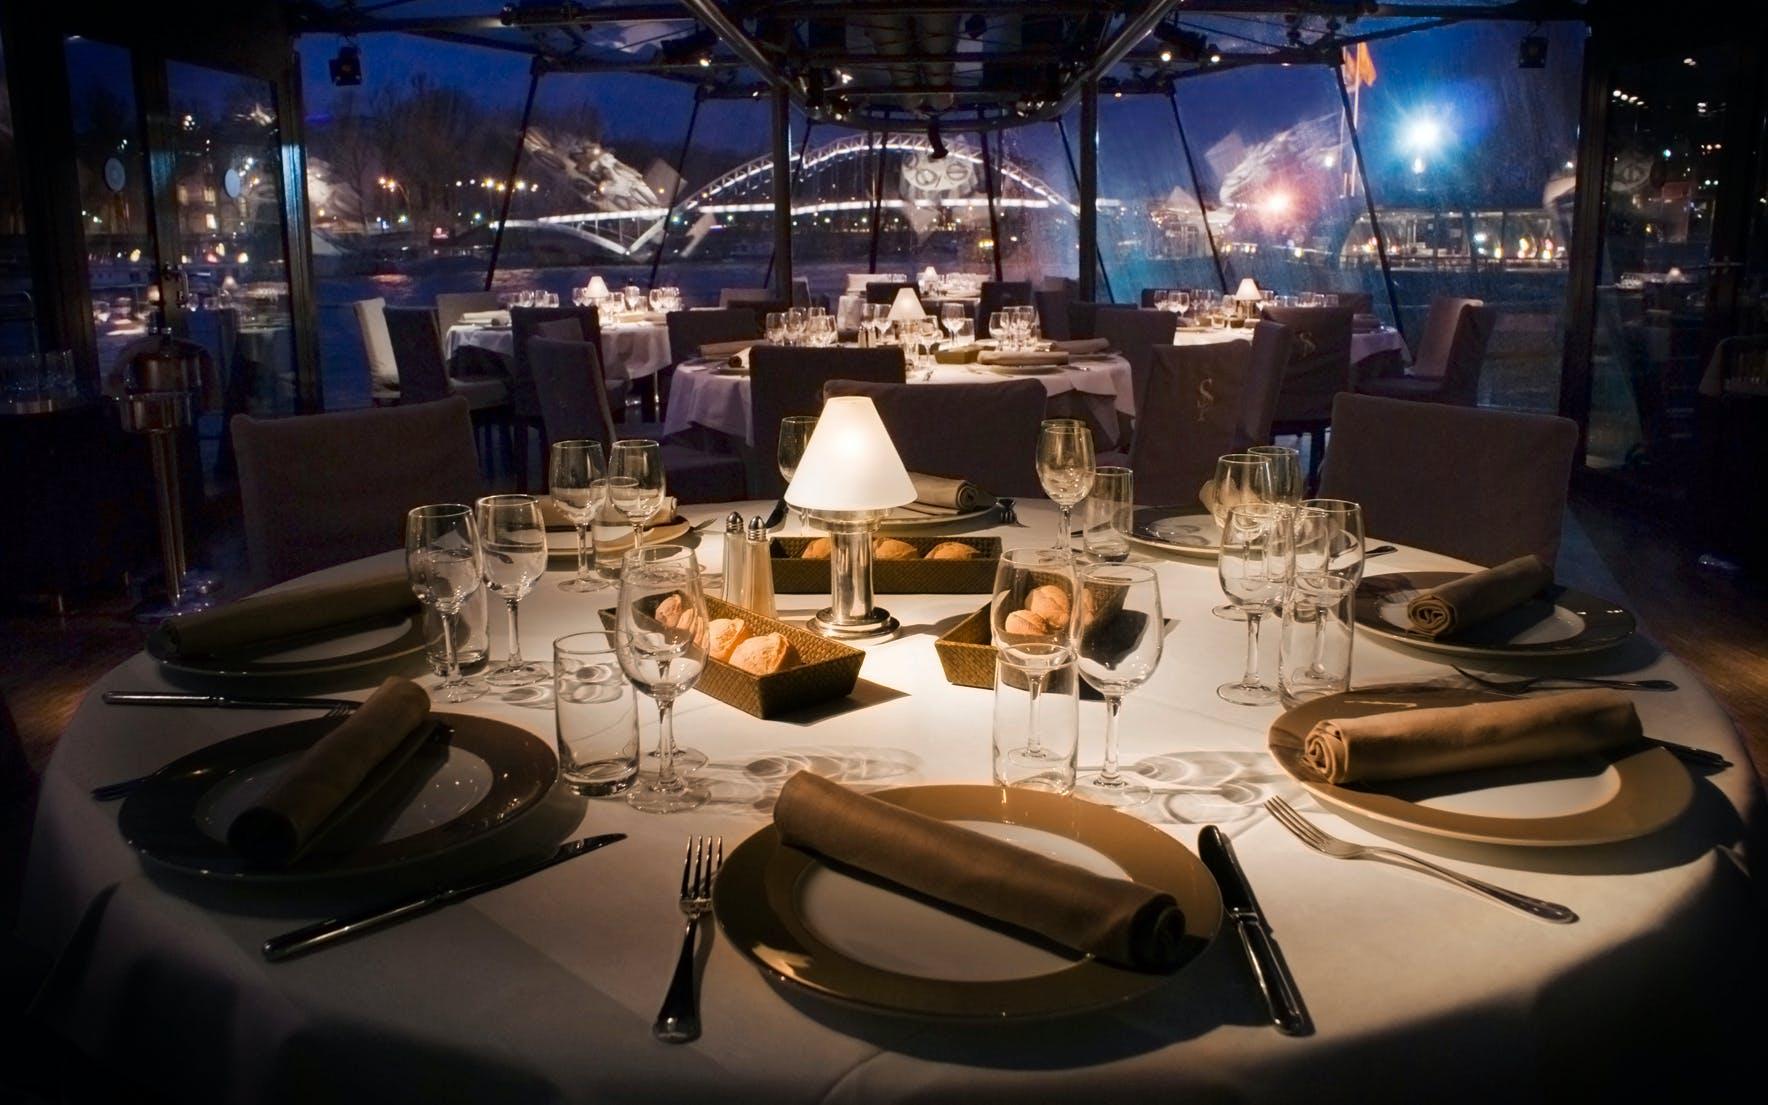 Best Seine River Cruise -Dinner Cruise - 3